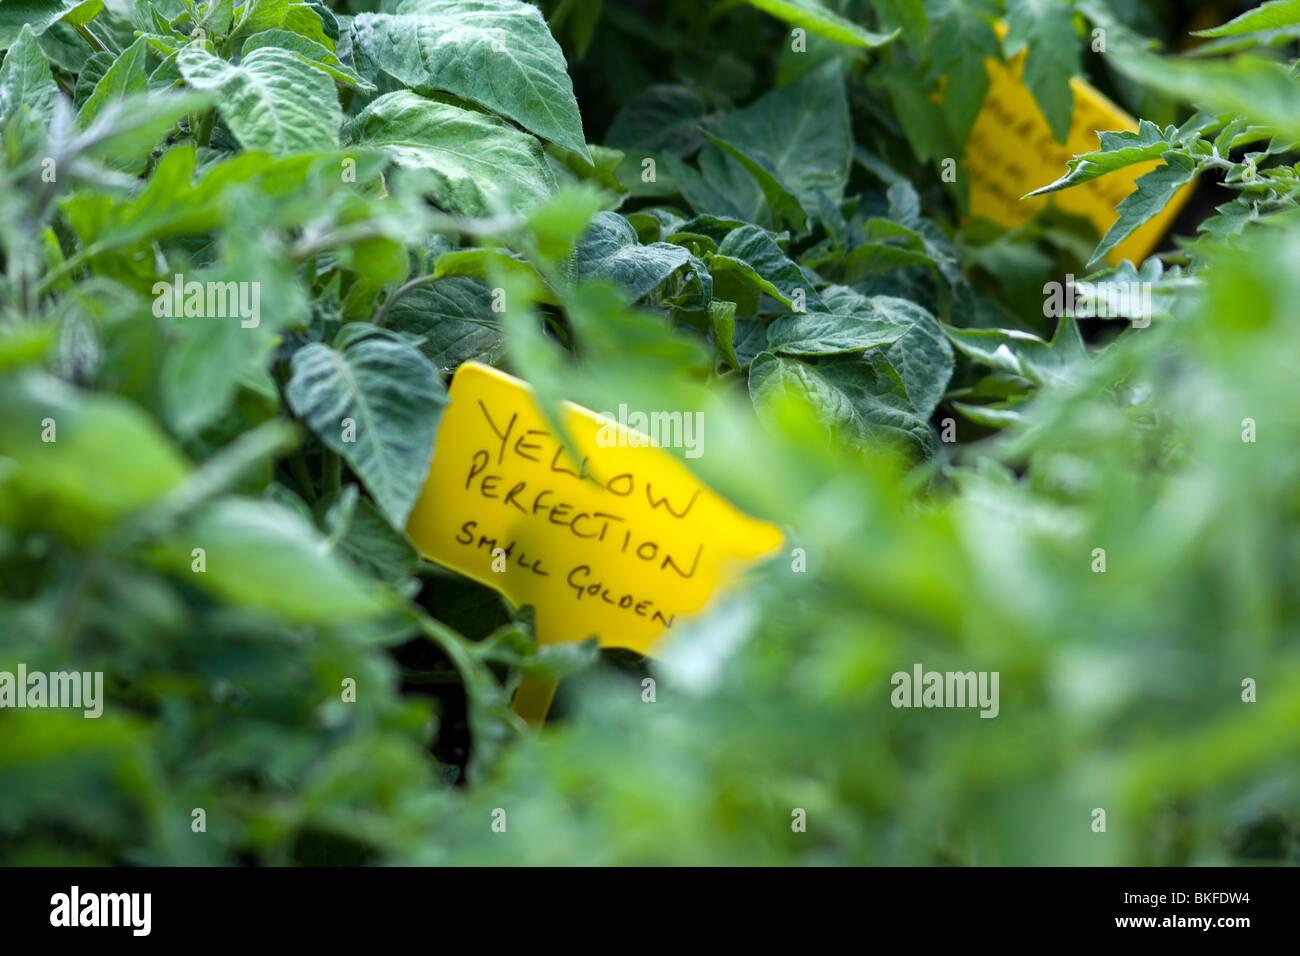 Plantas de tomate perfección amarillo Imagen De Stock